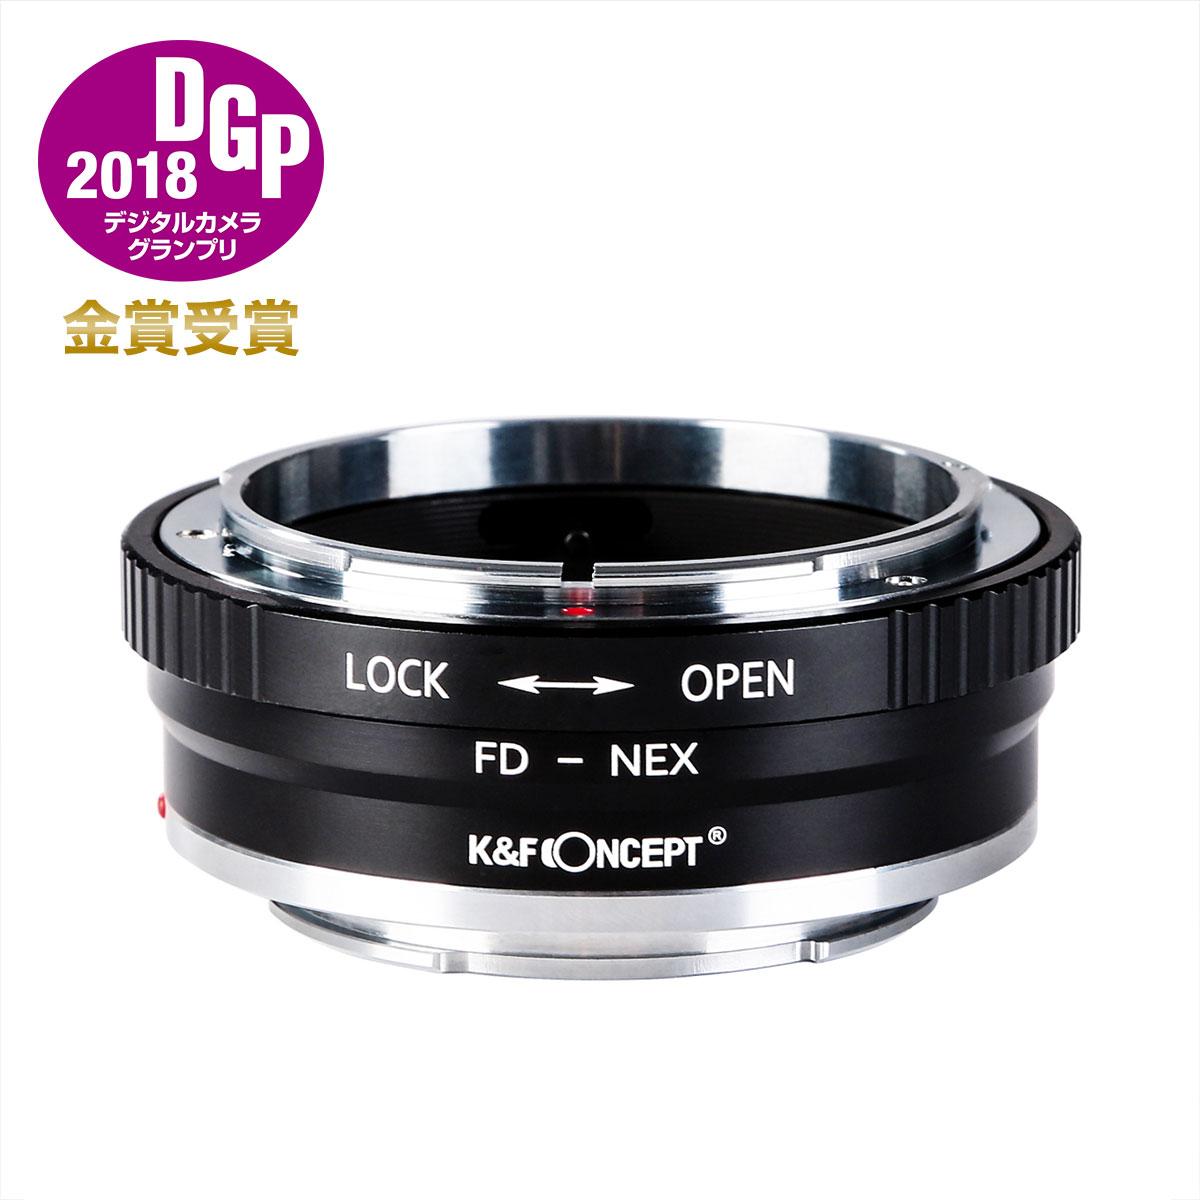 カメラ・ビデオカメラ・光学機器, カメラ用交換レンズ KF Concept KF-FDE2 (FD E